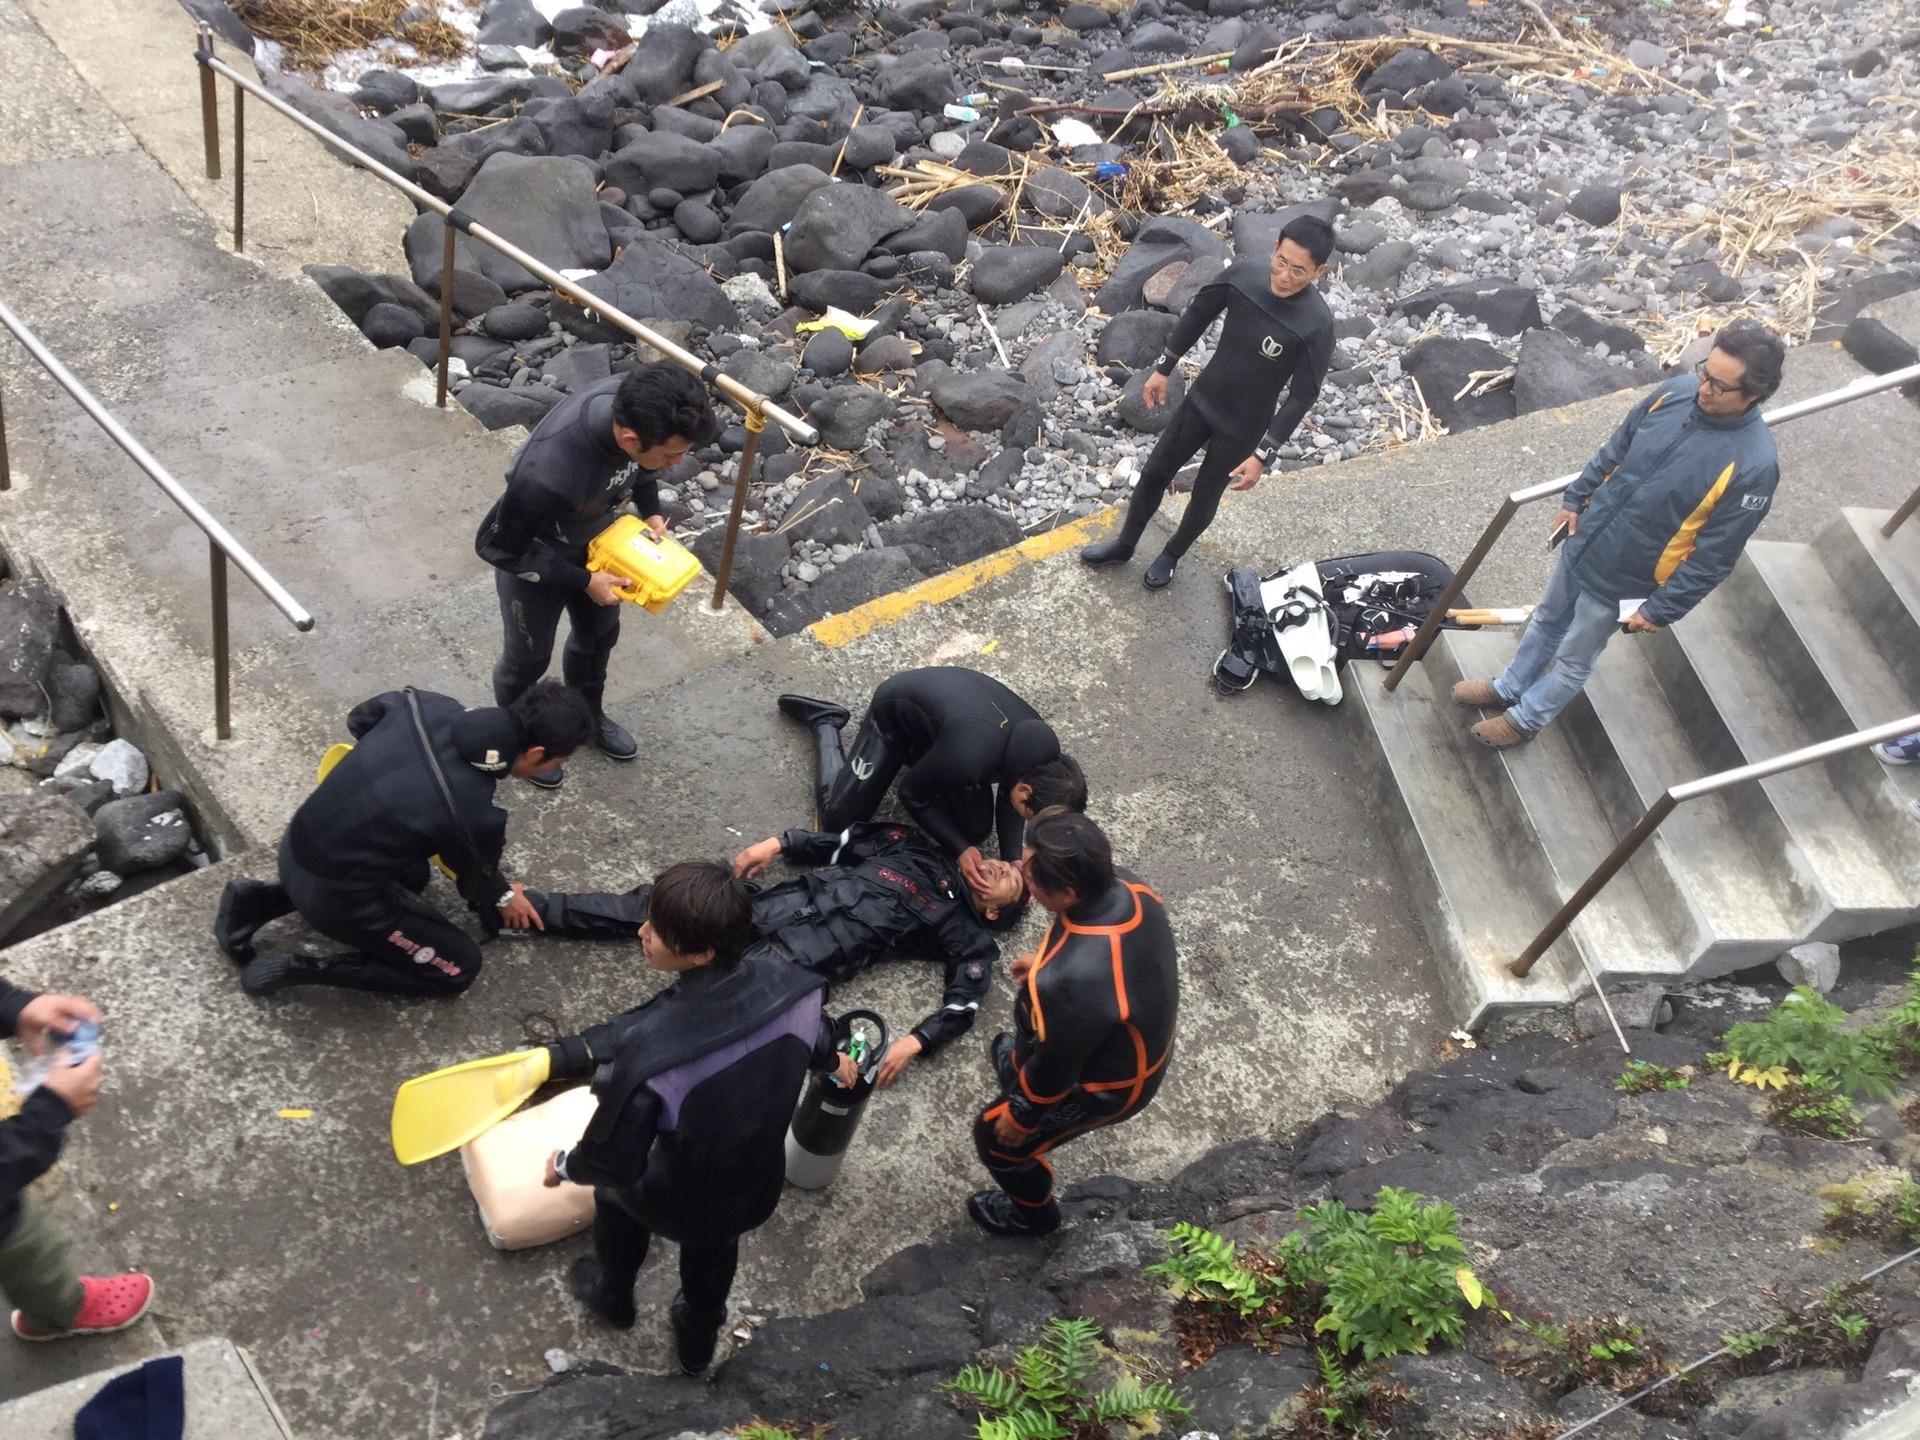 伊東 市 事故 静岡県内で死亡事故が急増22日は伊東市で4人死傷事故、デイサービス...